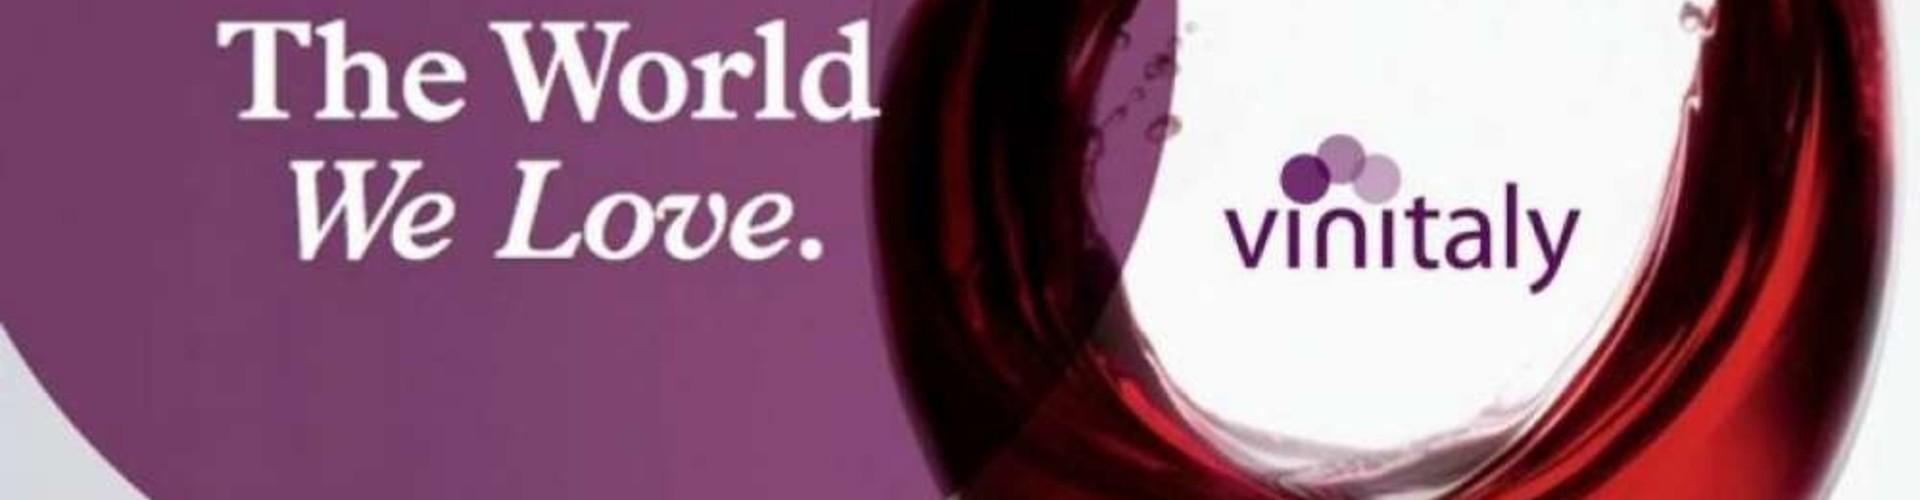 Nog 6 dagen te gaan voor Vinitaly: de grote wijnbeurs in Verona